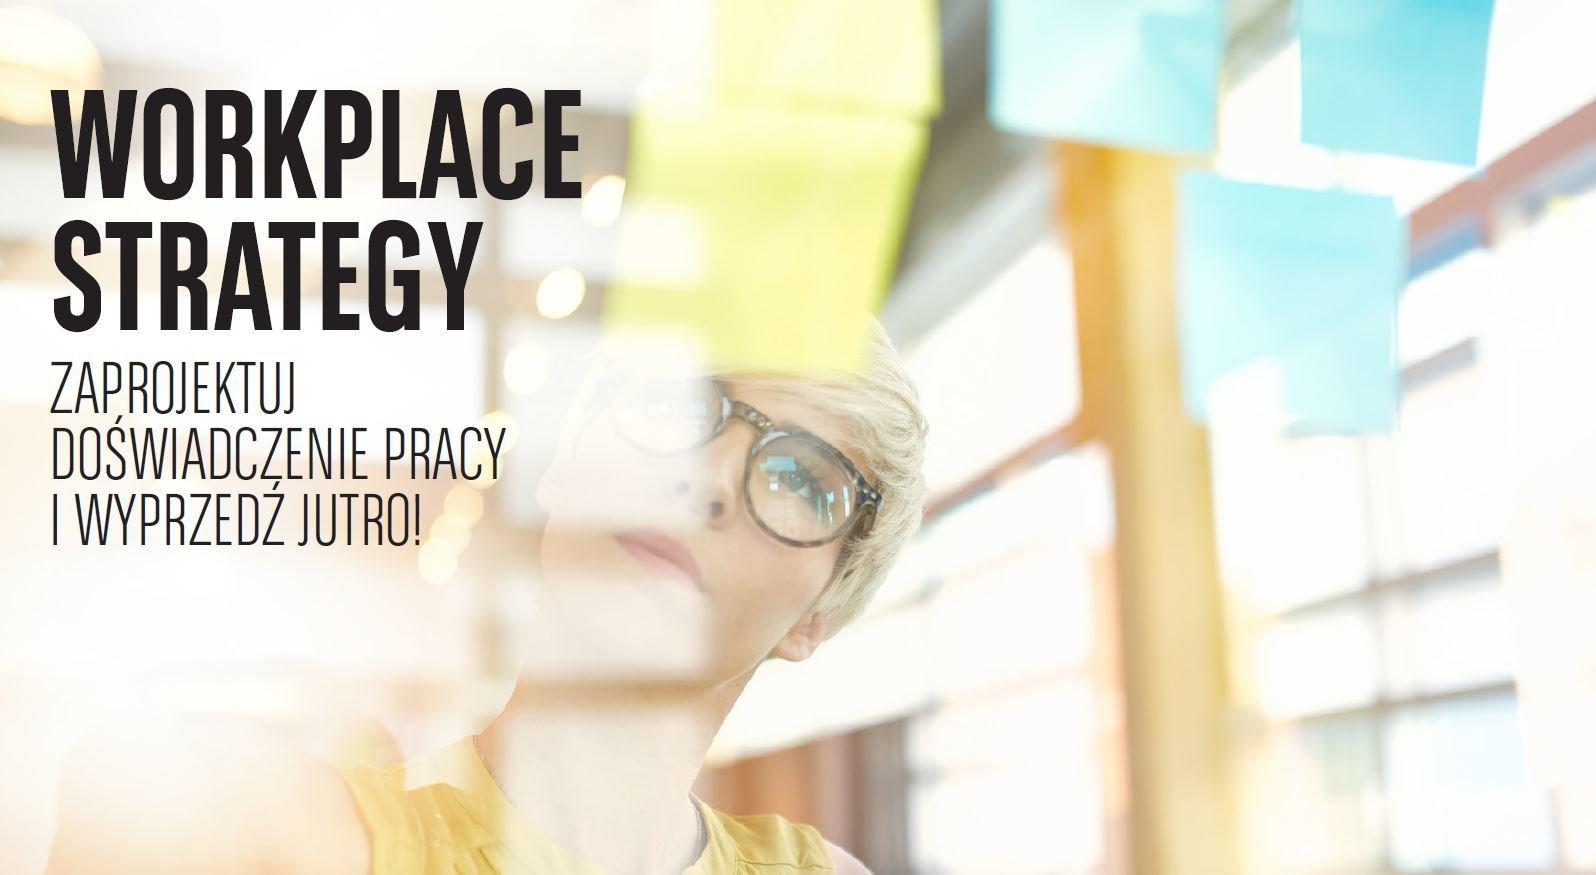 Czas na zmiany w miejscach pracy, czas na workplace strategy